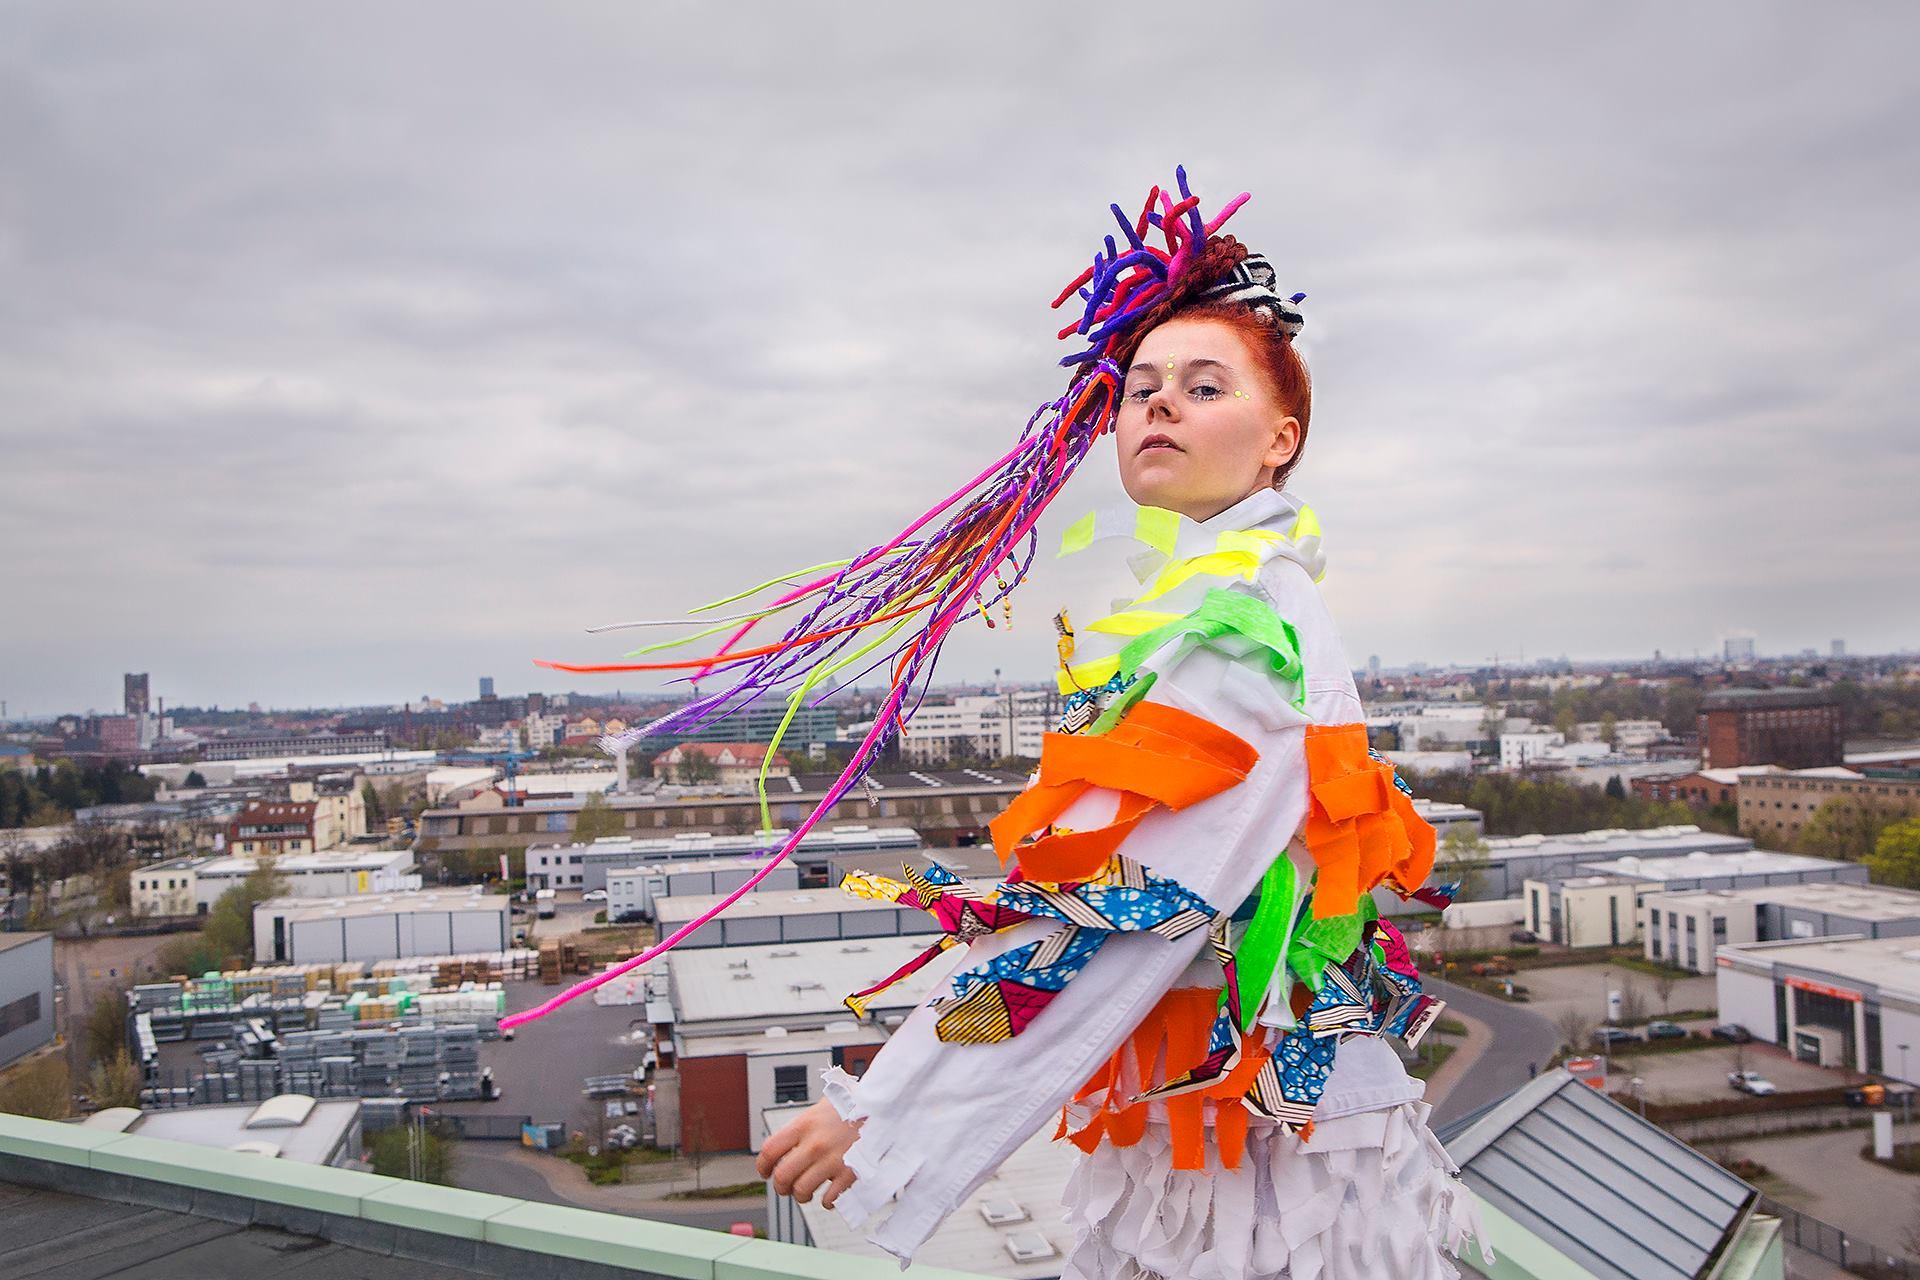 Brett utbud på årets Kulturkarneval